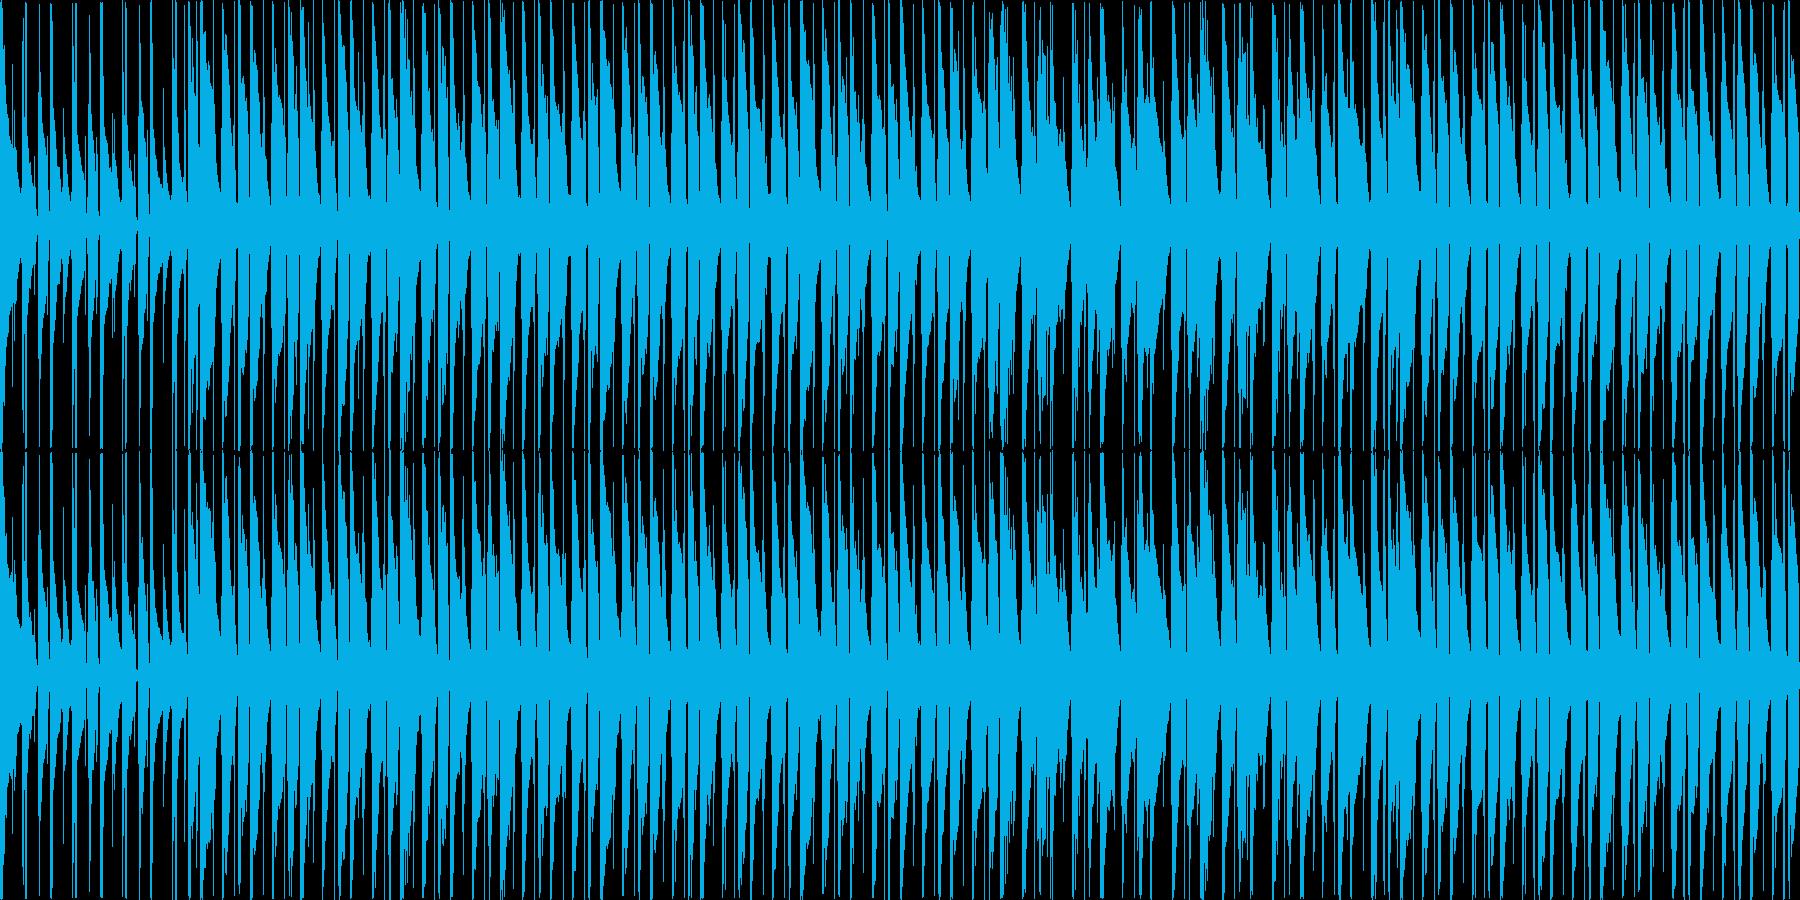 【ループ・メロ抜き】ウクレレの軽快で前向の再生済みの波形